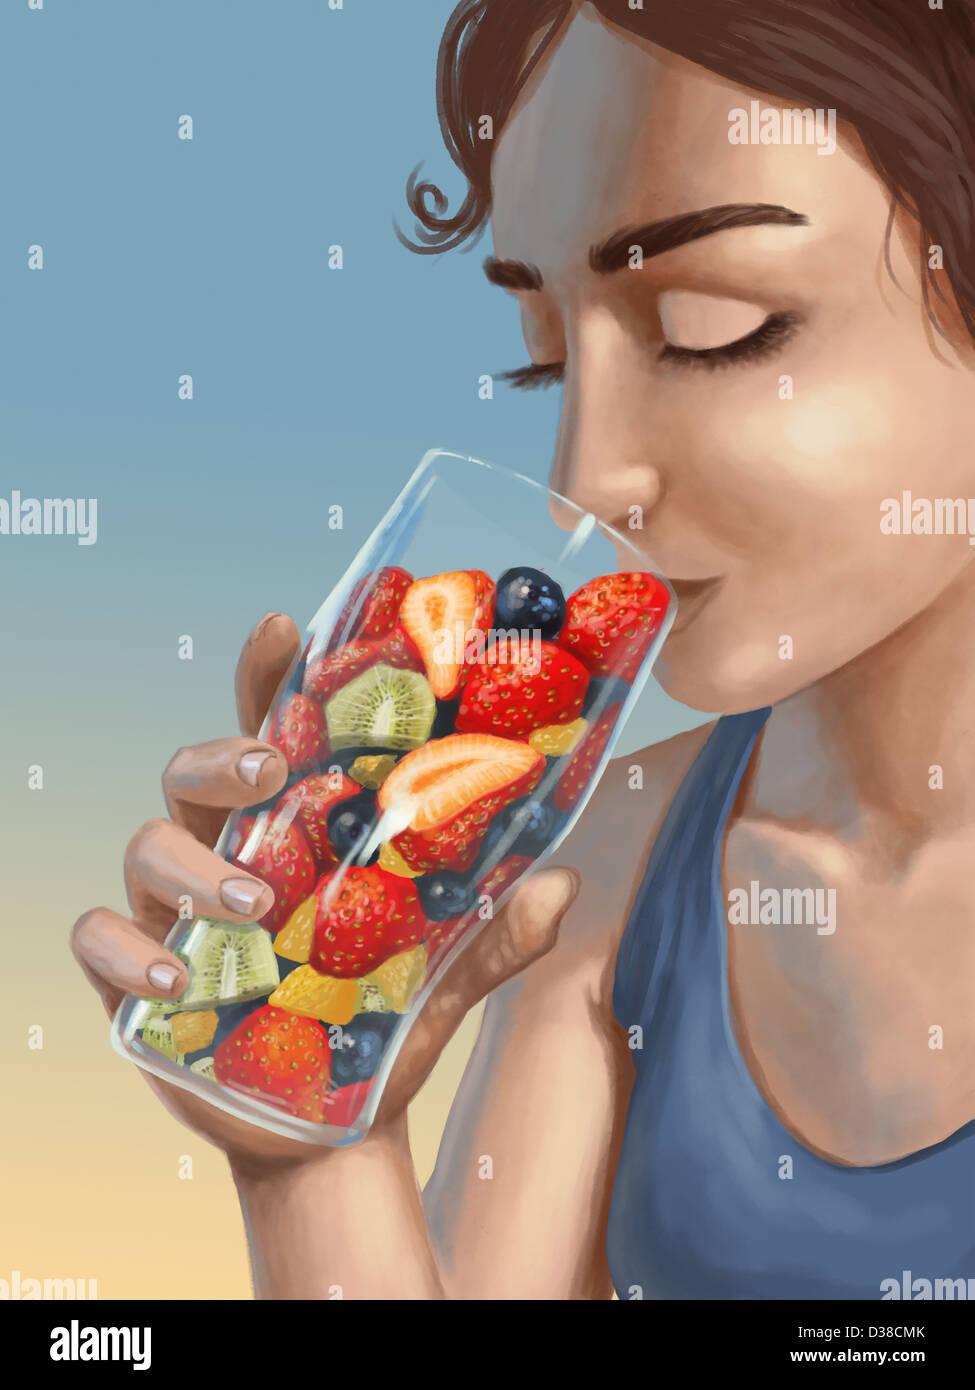 Anschauliches Bild der Frau hält ein Glas, gefüllt mit frischem Obst, gesunde Lebensweise darstellt Stockbild